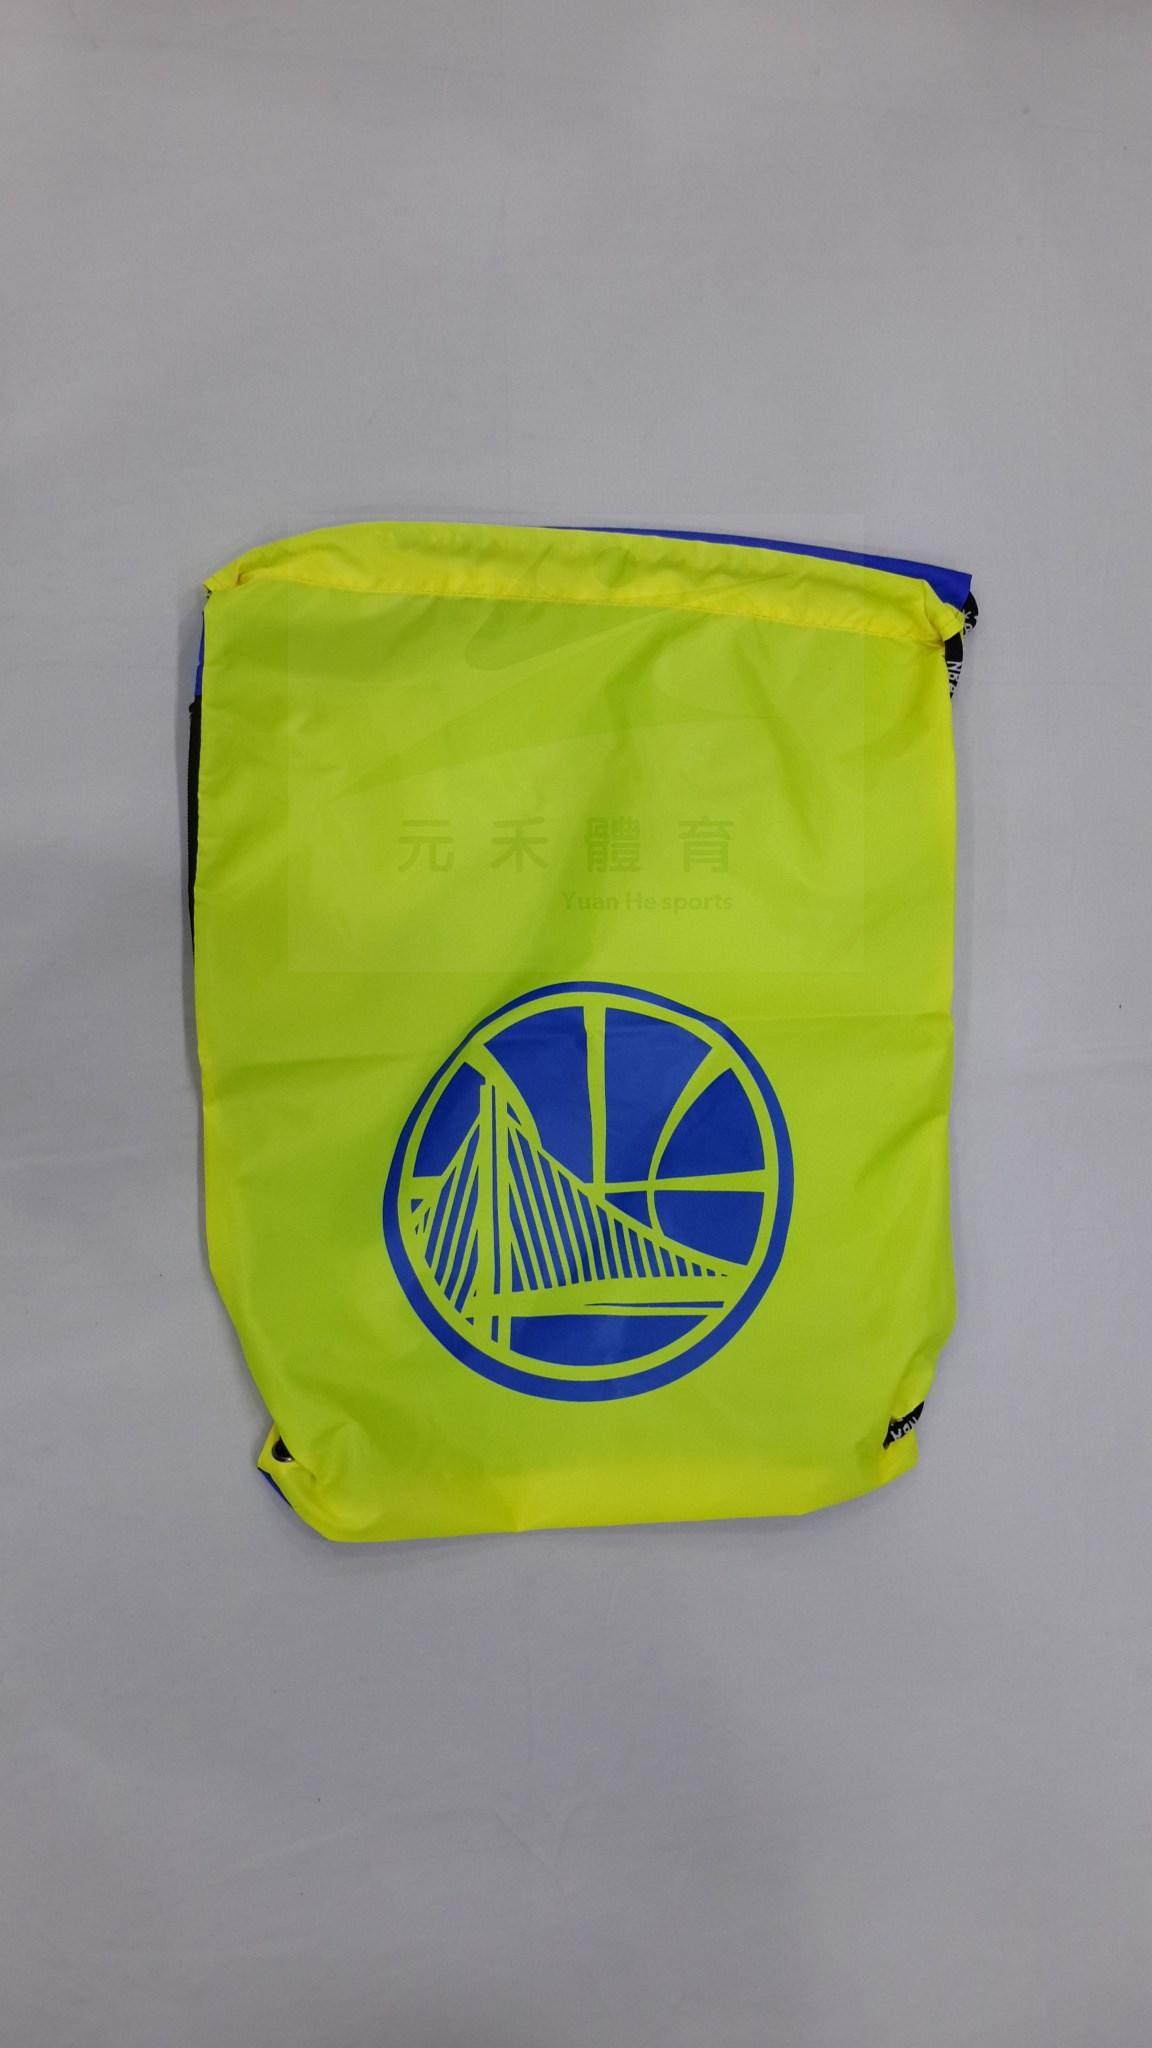 元禾〉NBA 勇士隊 抽繩袋 8461401-023